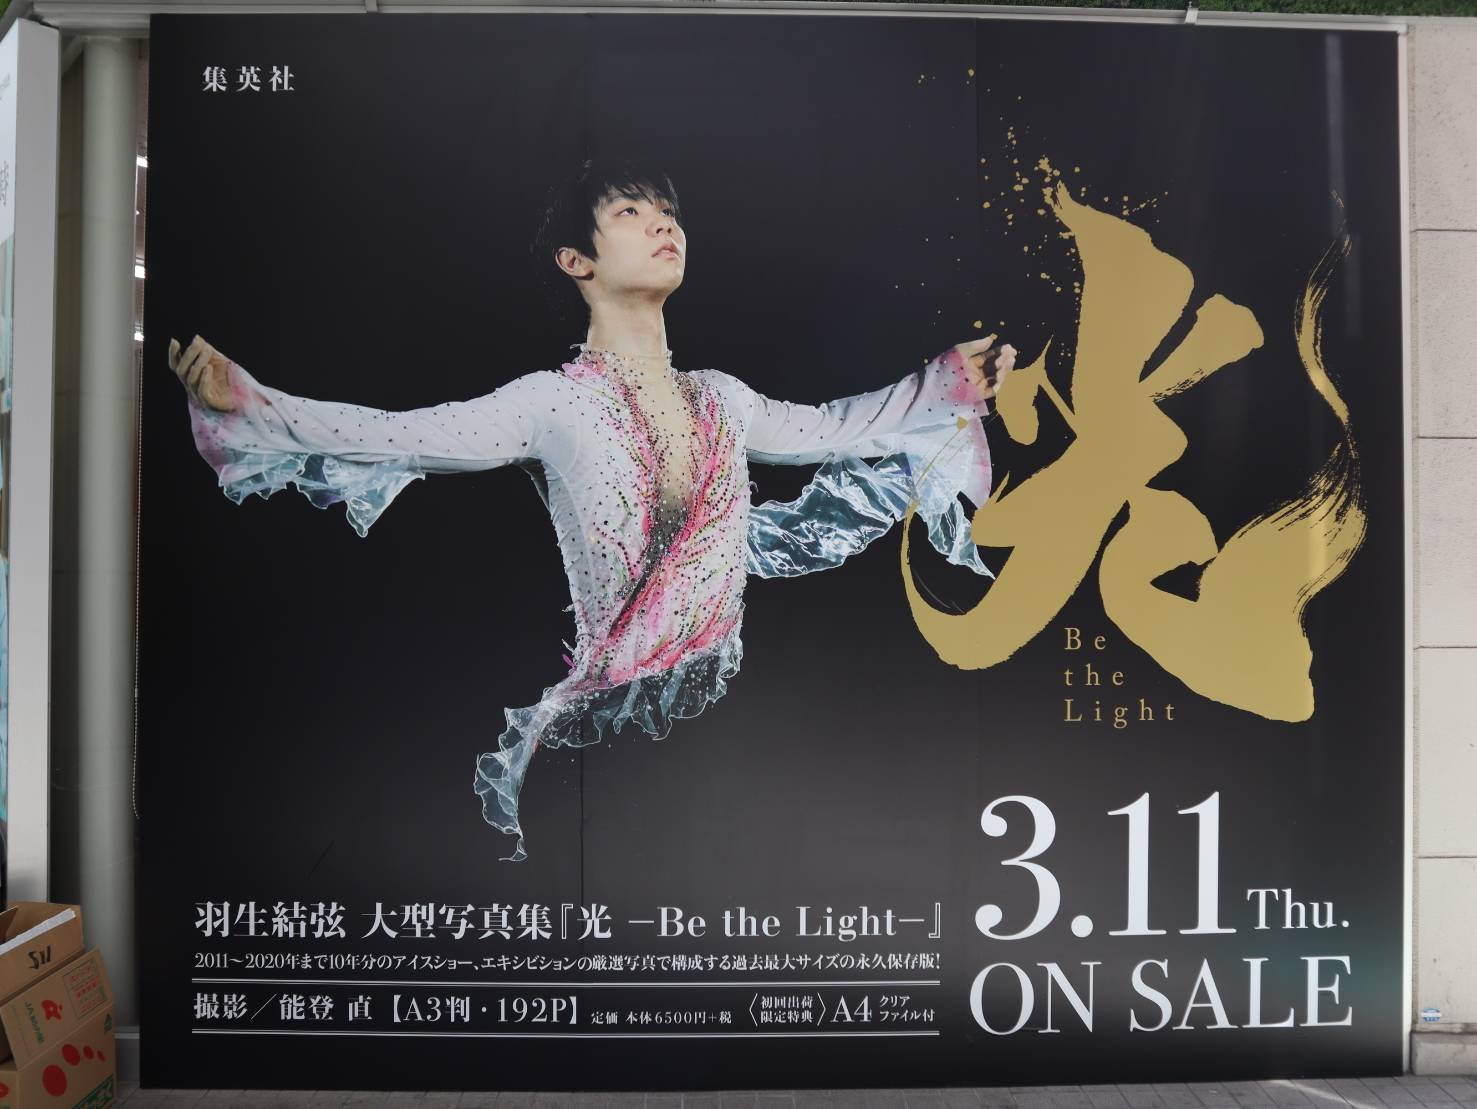 仙台縁日『羽生結弦大型写真集 光-Be the Light-』の広告